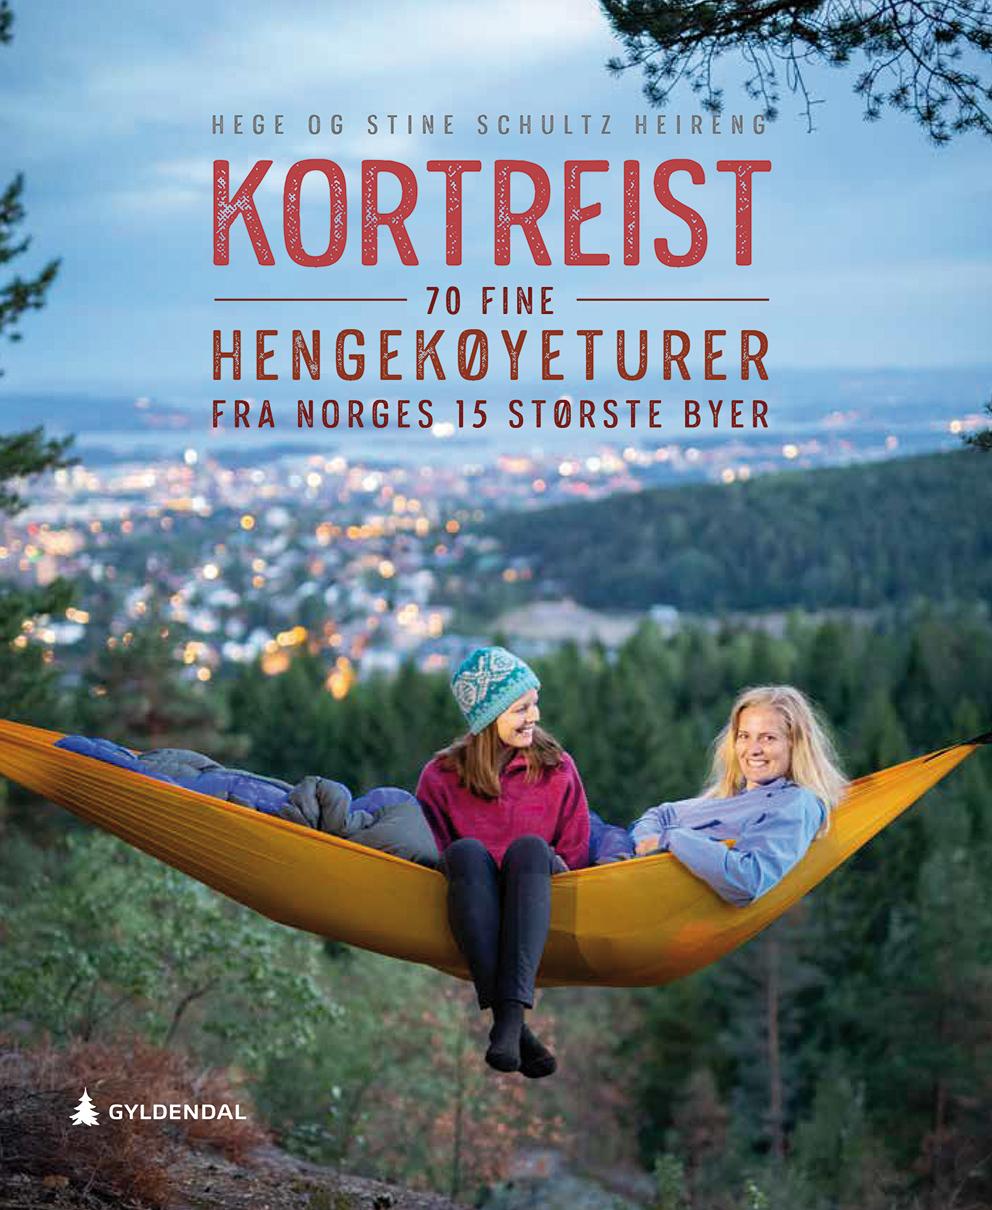 Bestill boken vår her!